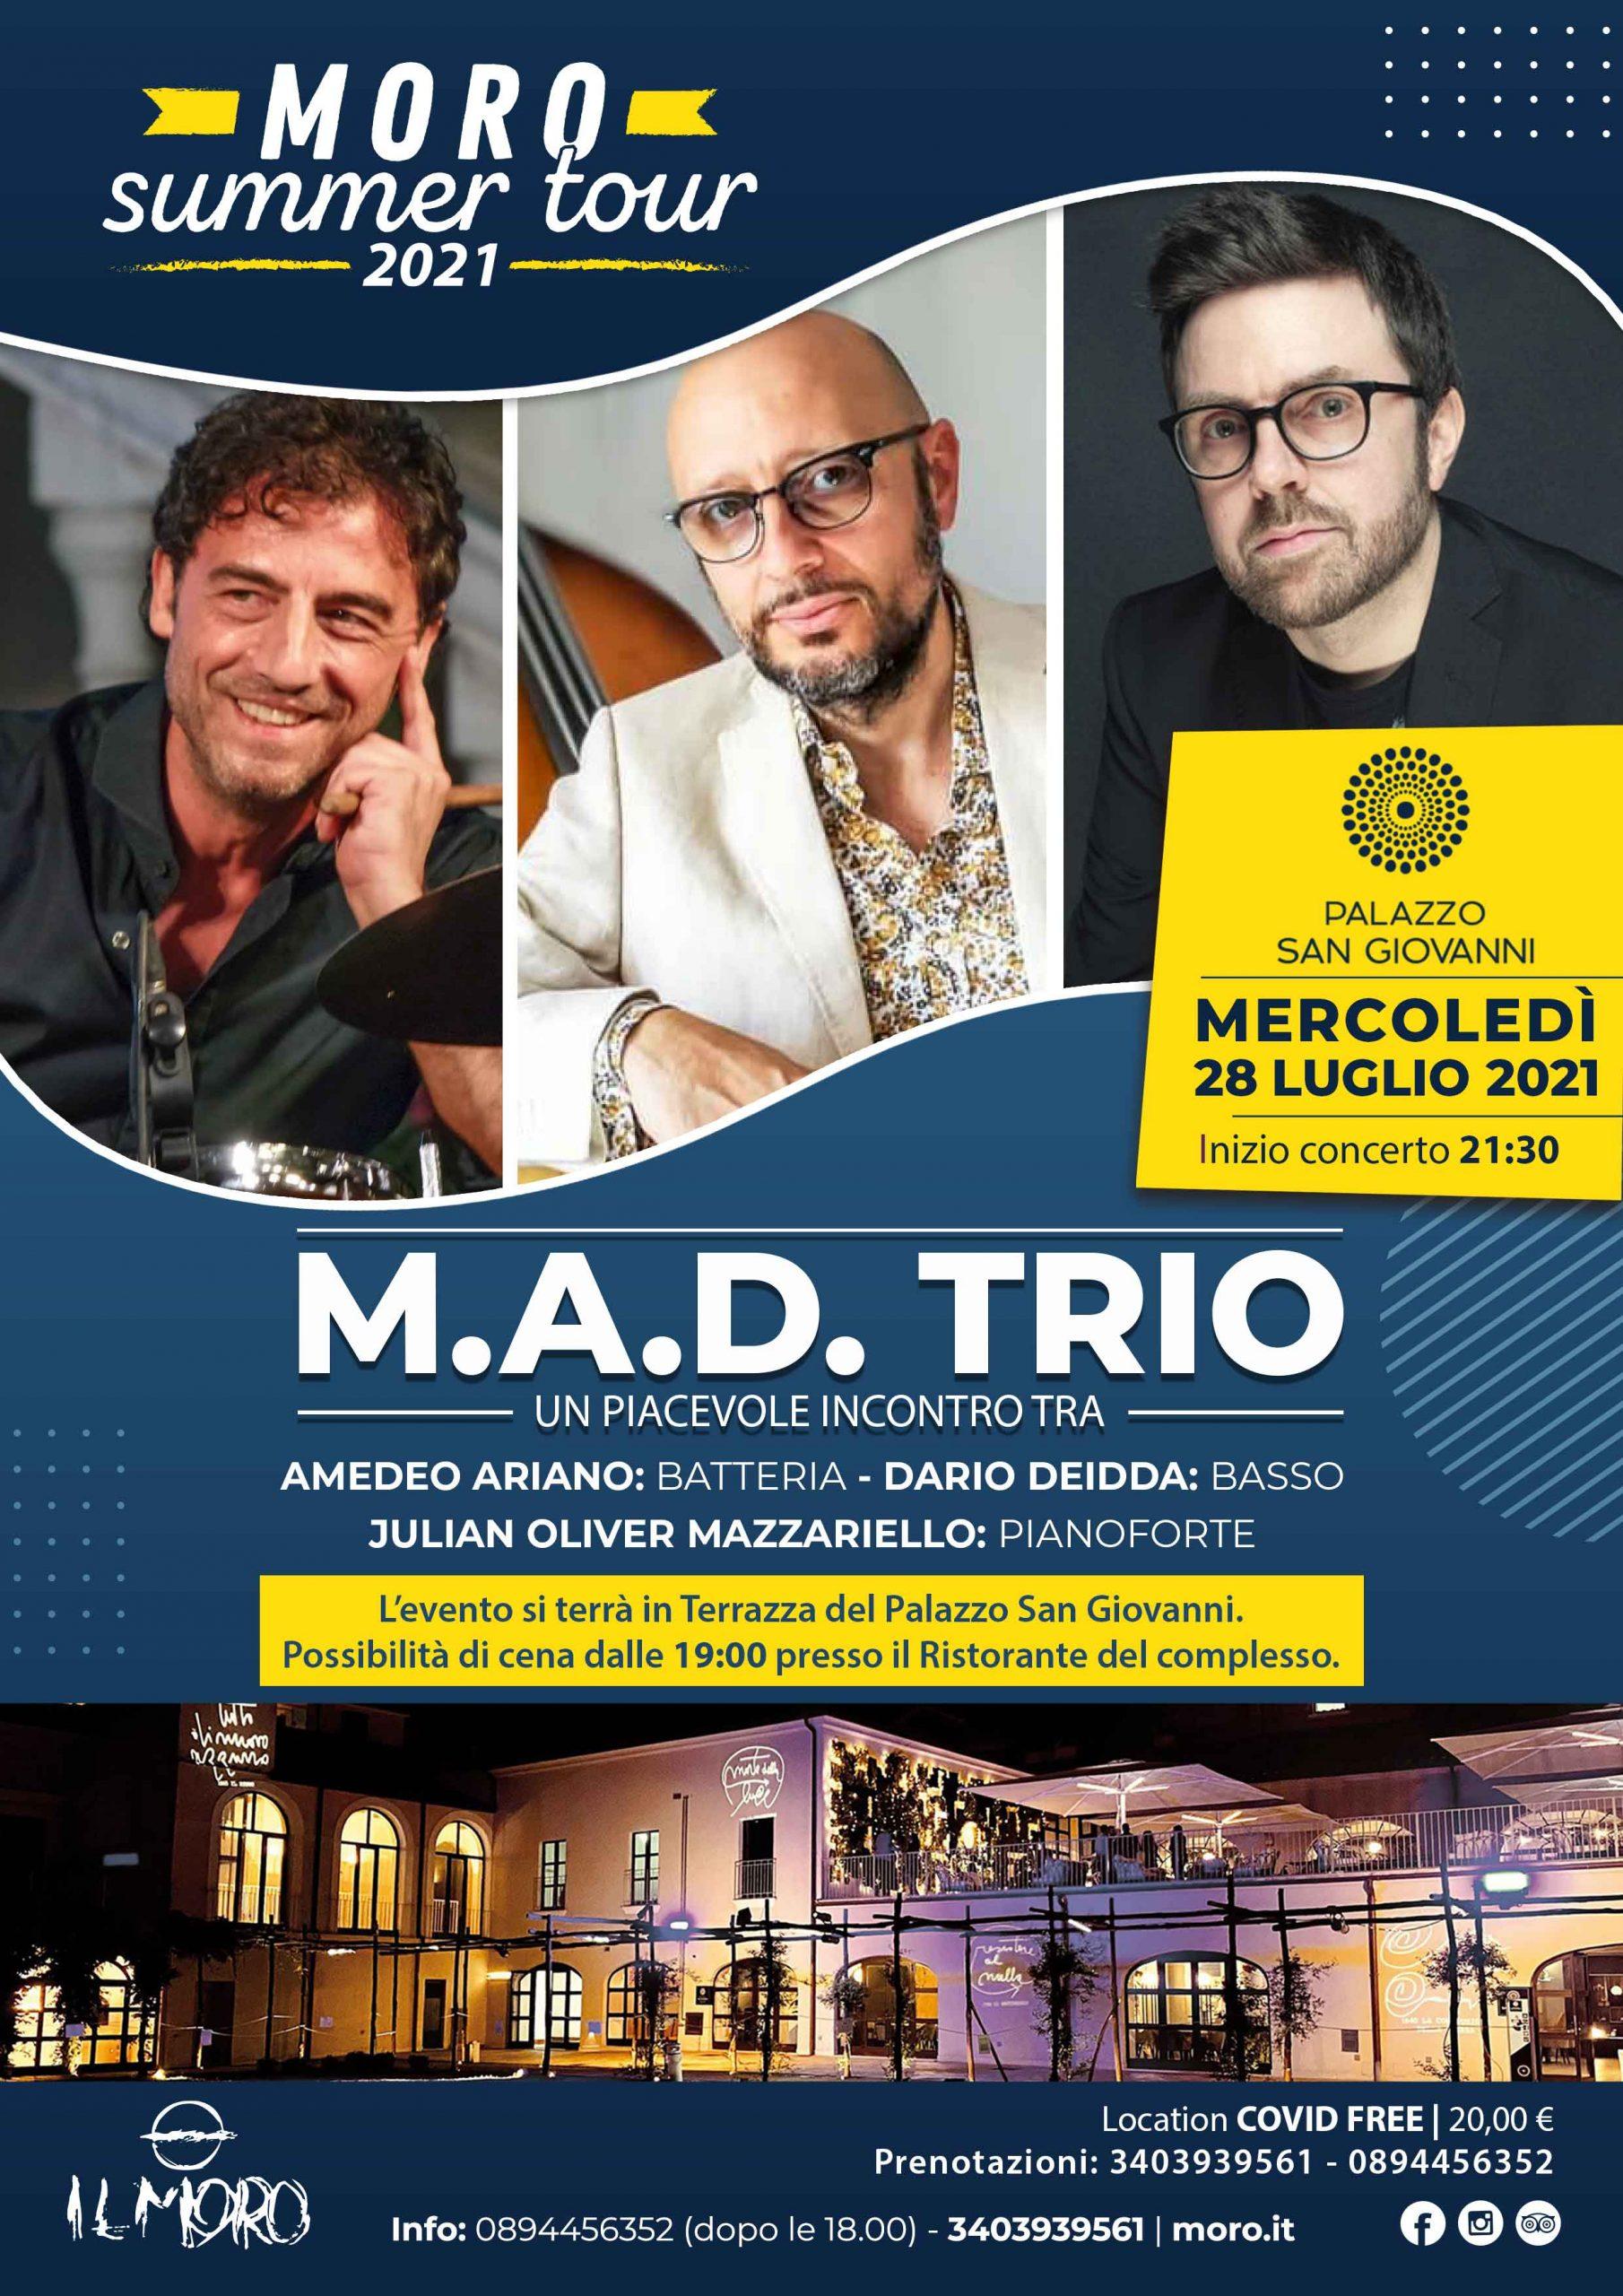 Mercoledì 28 Luglio, M.A.D. TRIO in concerto